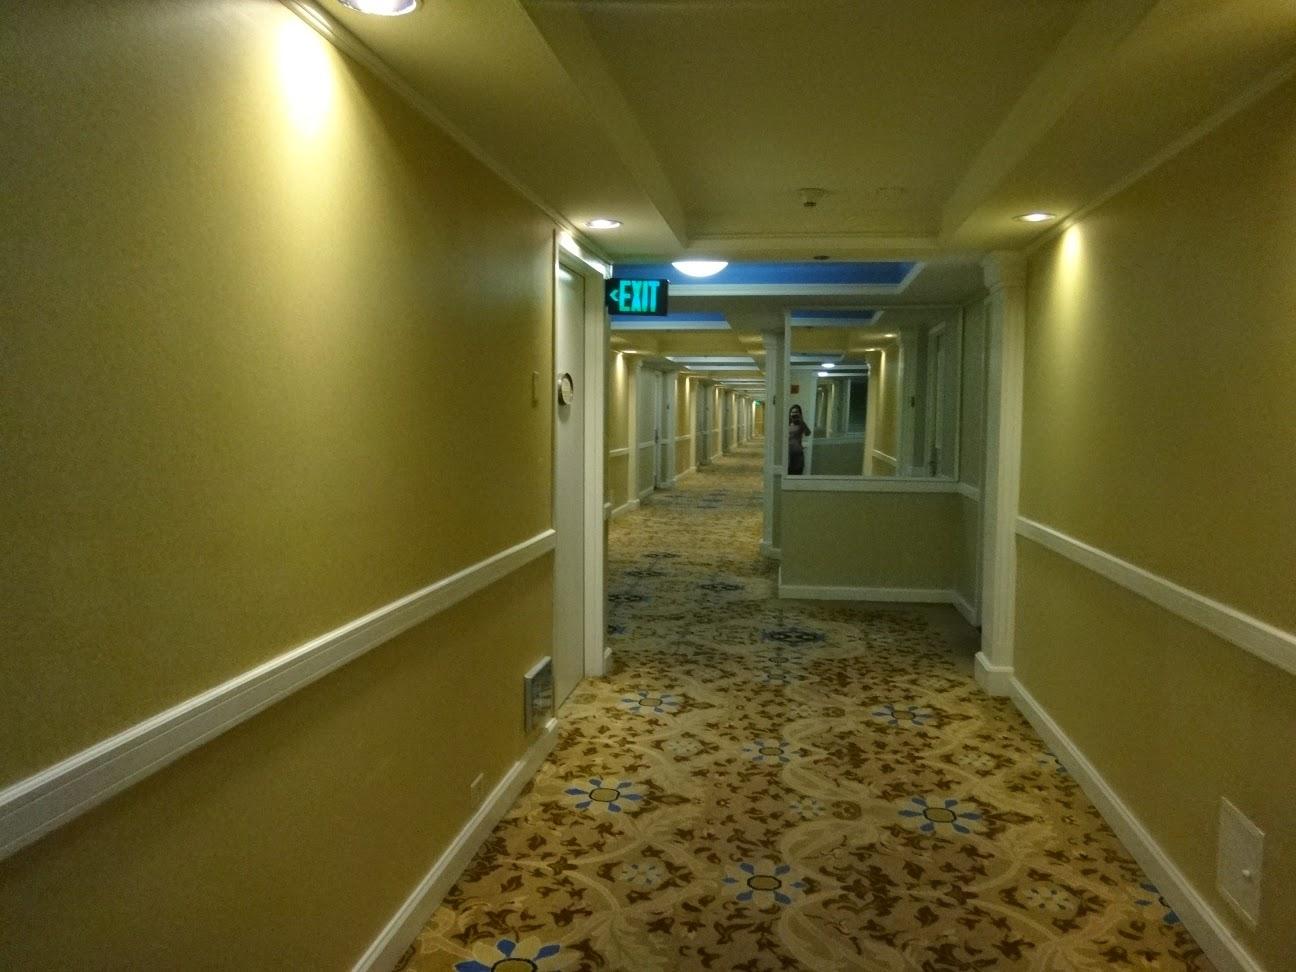 corredores - hotel ballys - las vegas